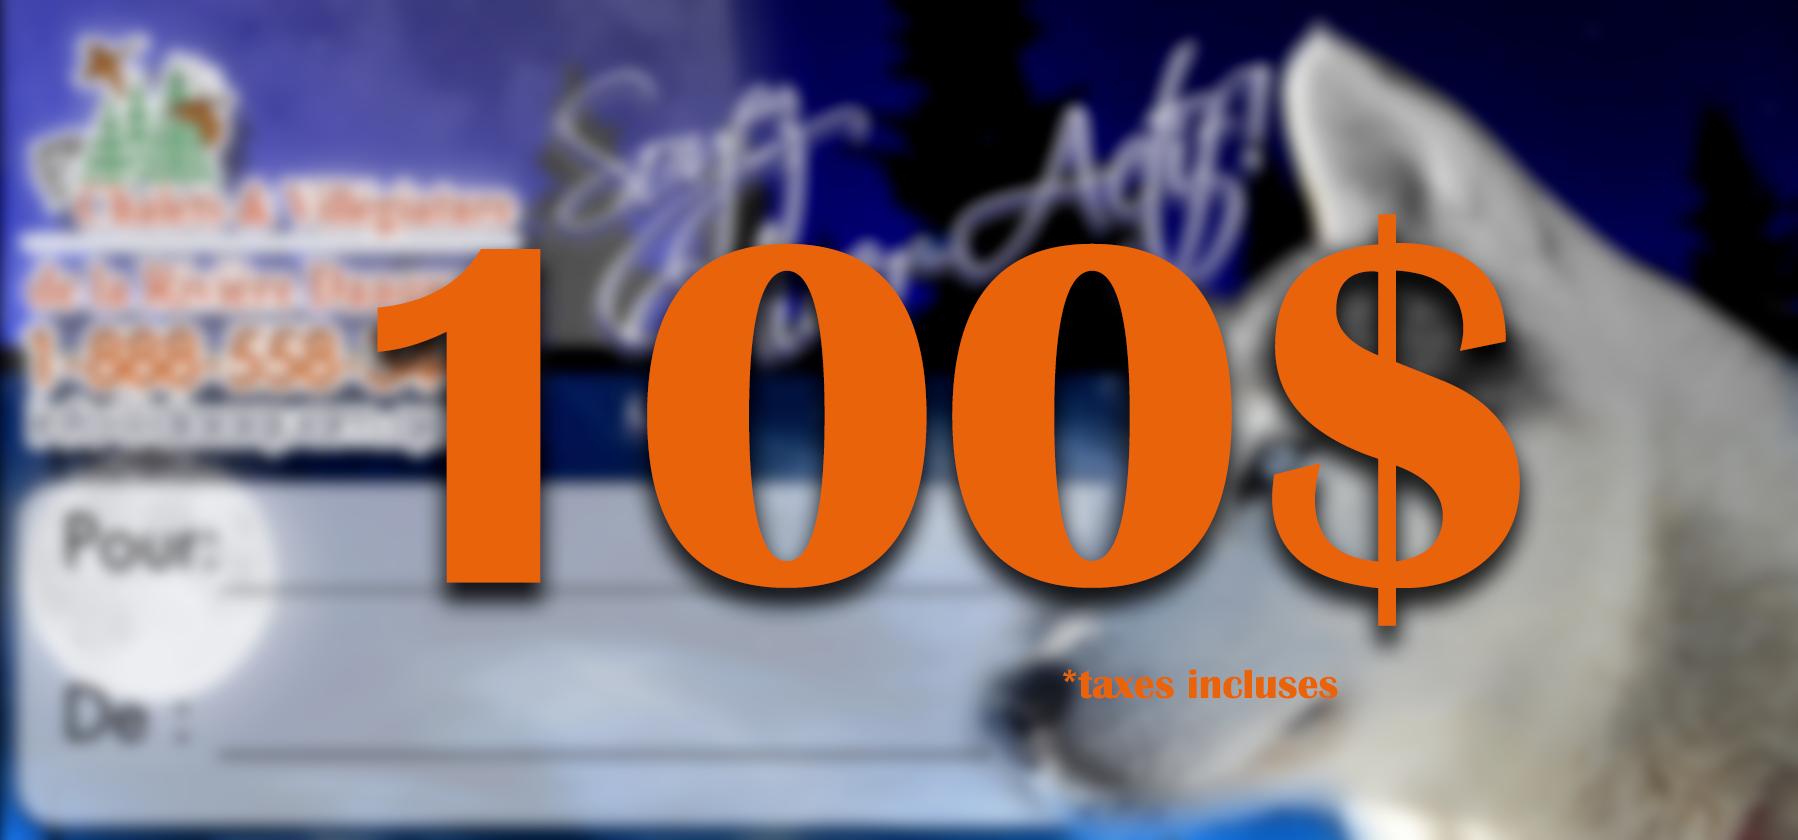 Certificat Cadeau de 100$ 00001